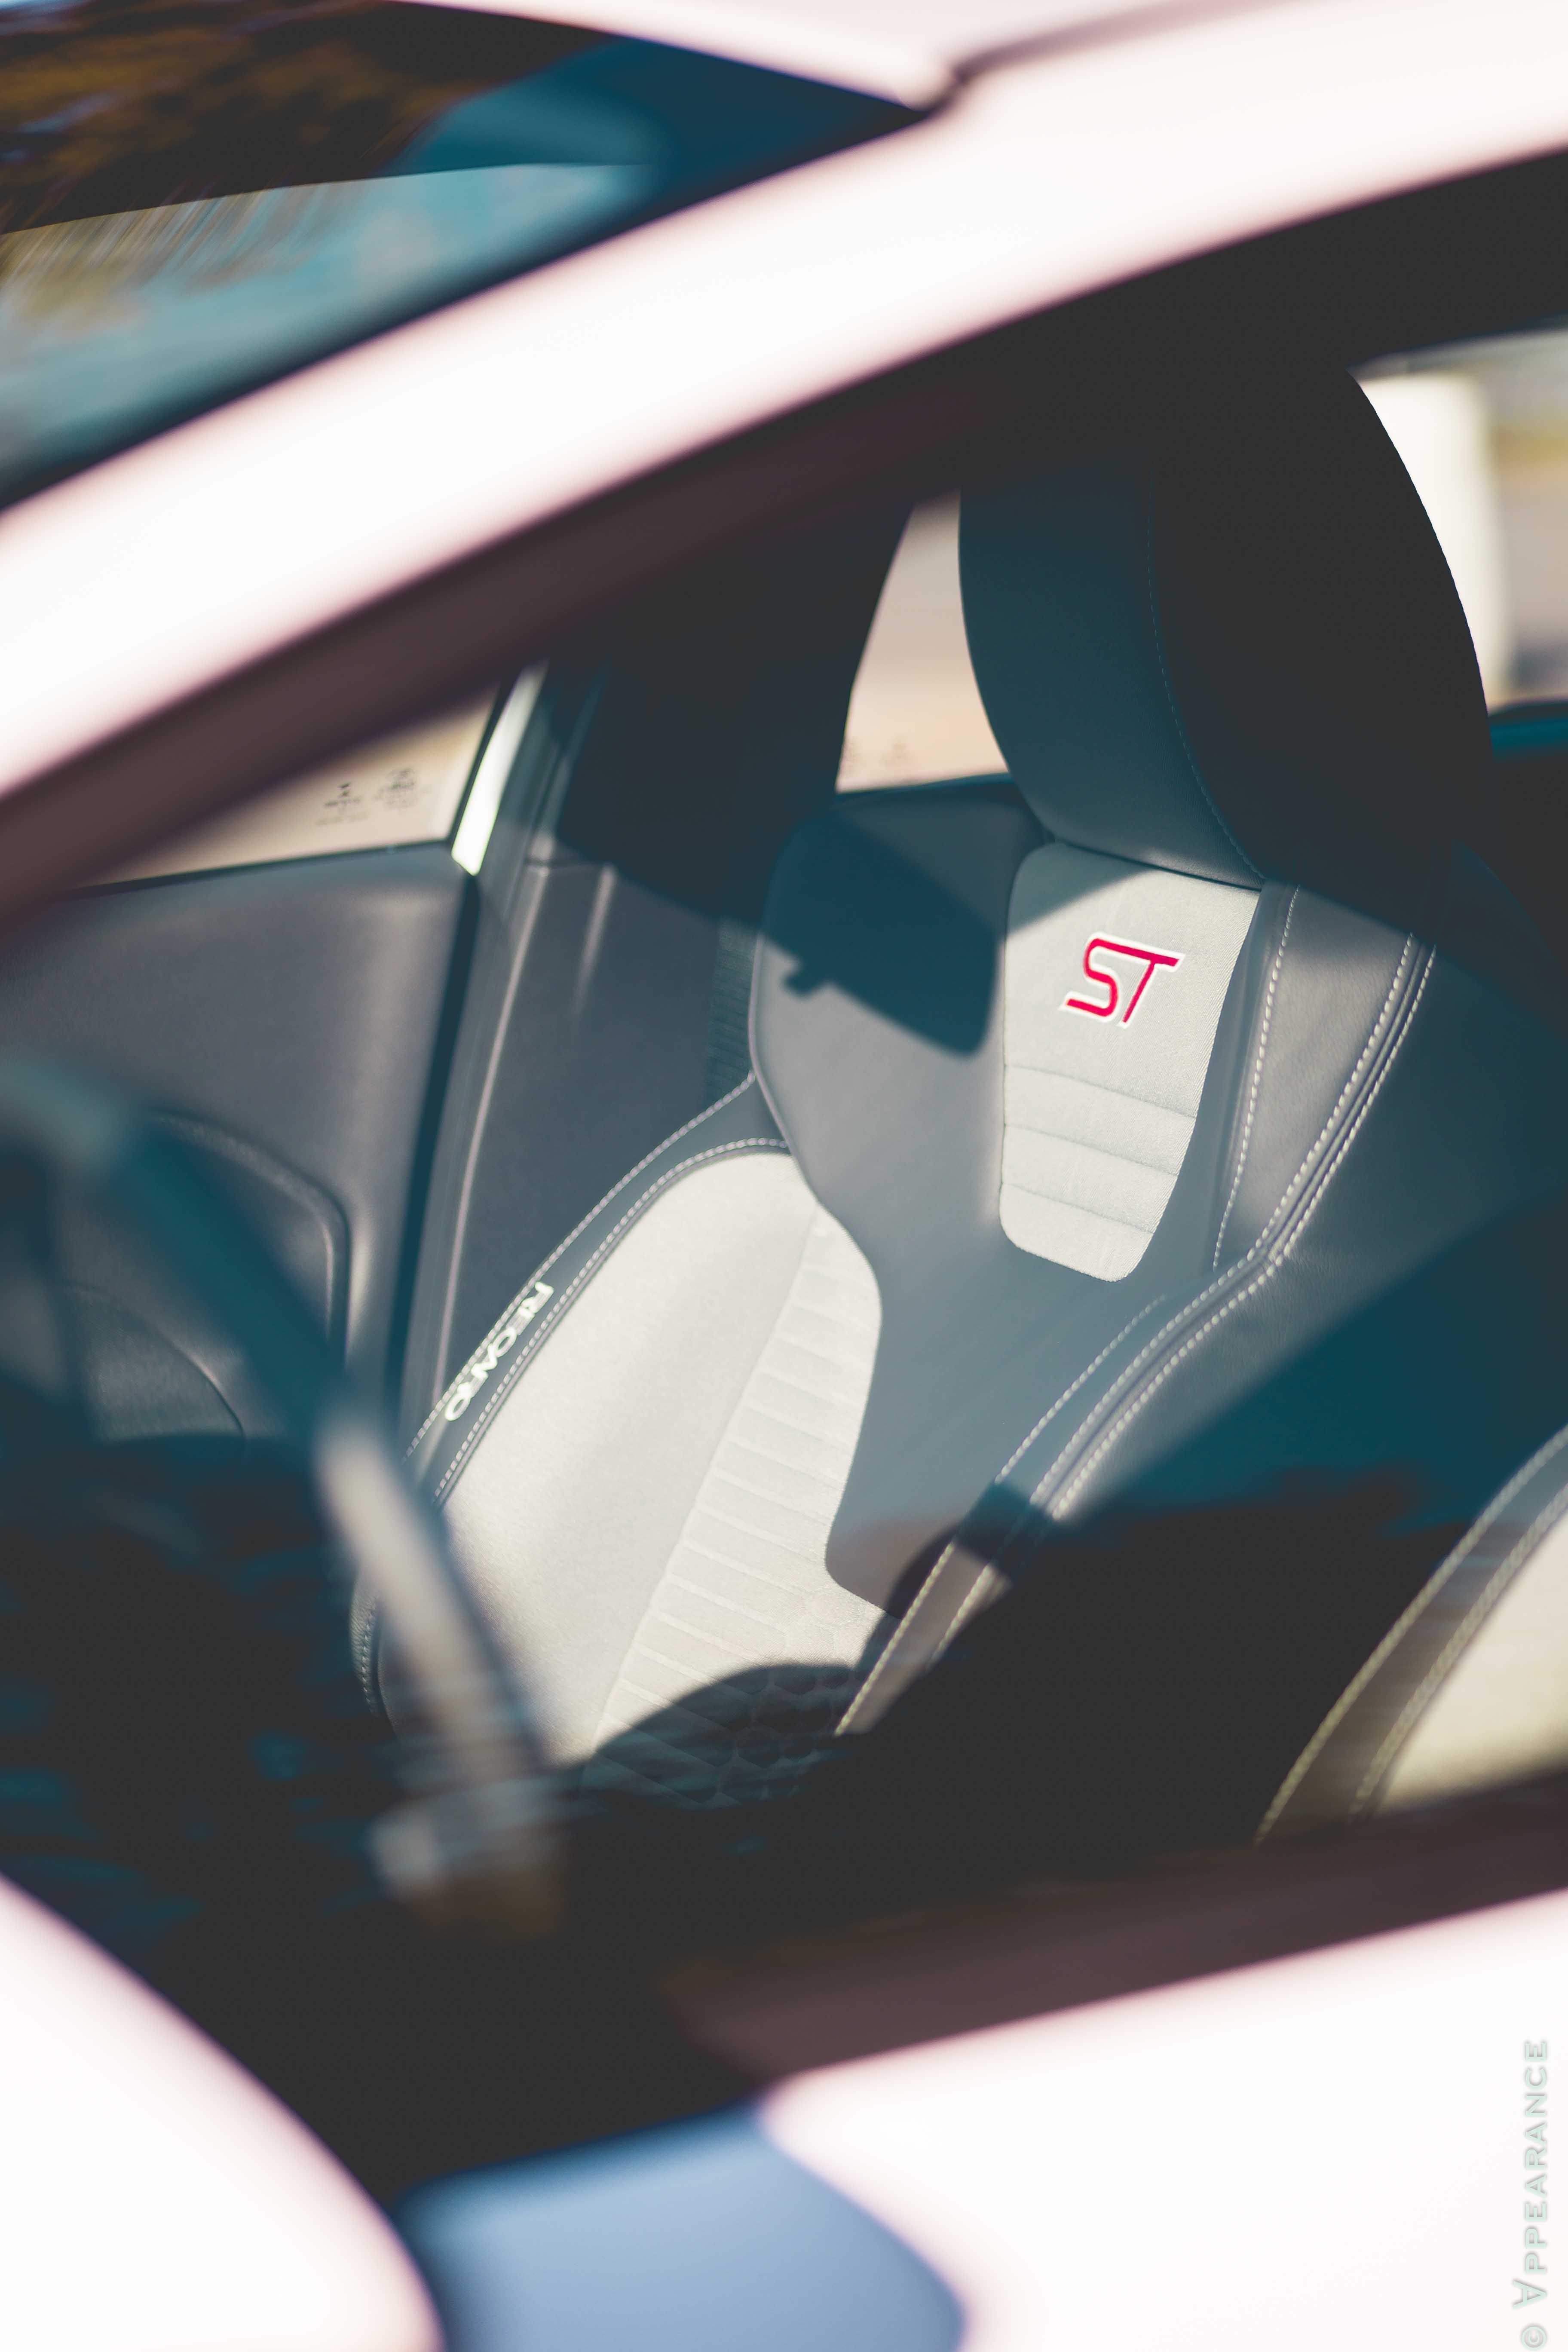 2016 Ford Fiesta ST Seats